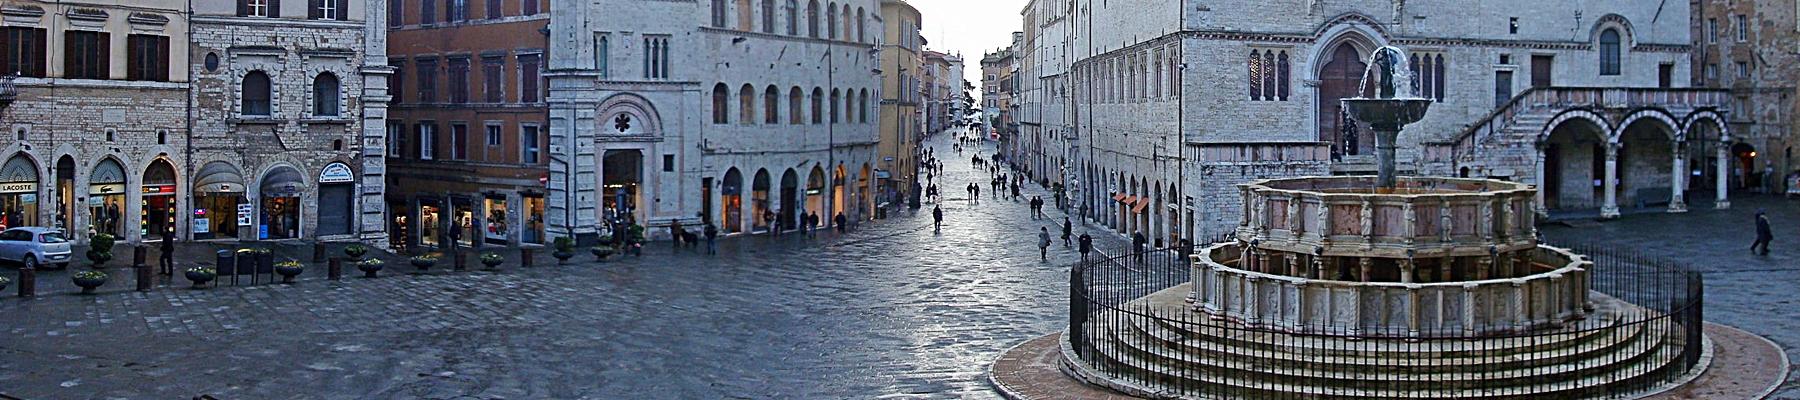 Club per l'UNESCO di Perugia – Gubbio/Alta Umbria